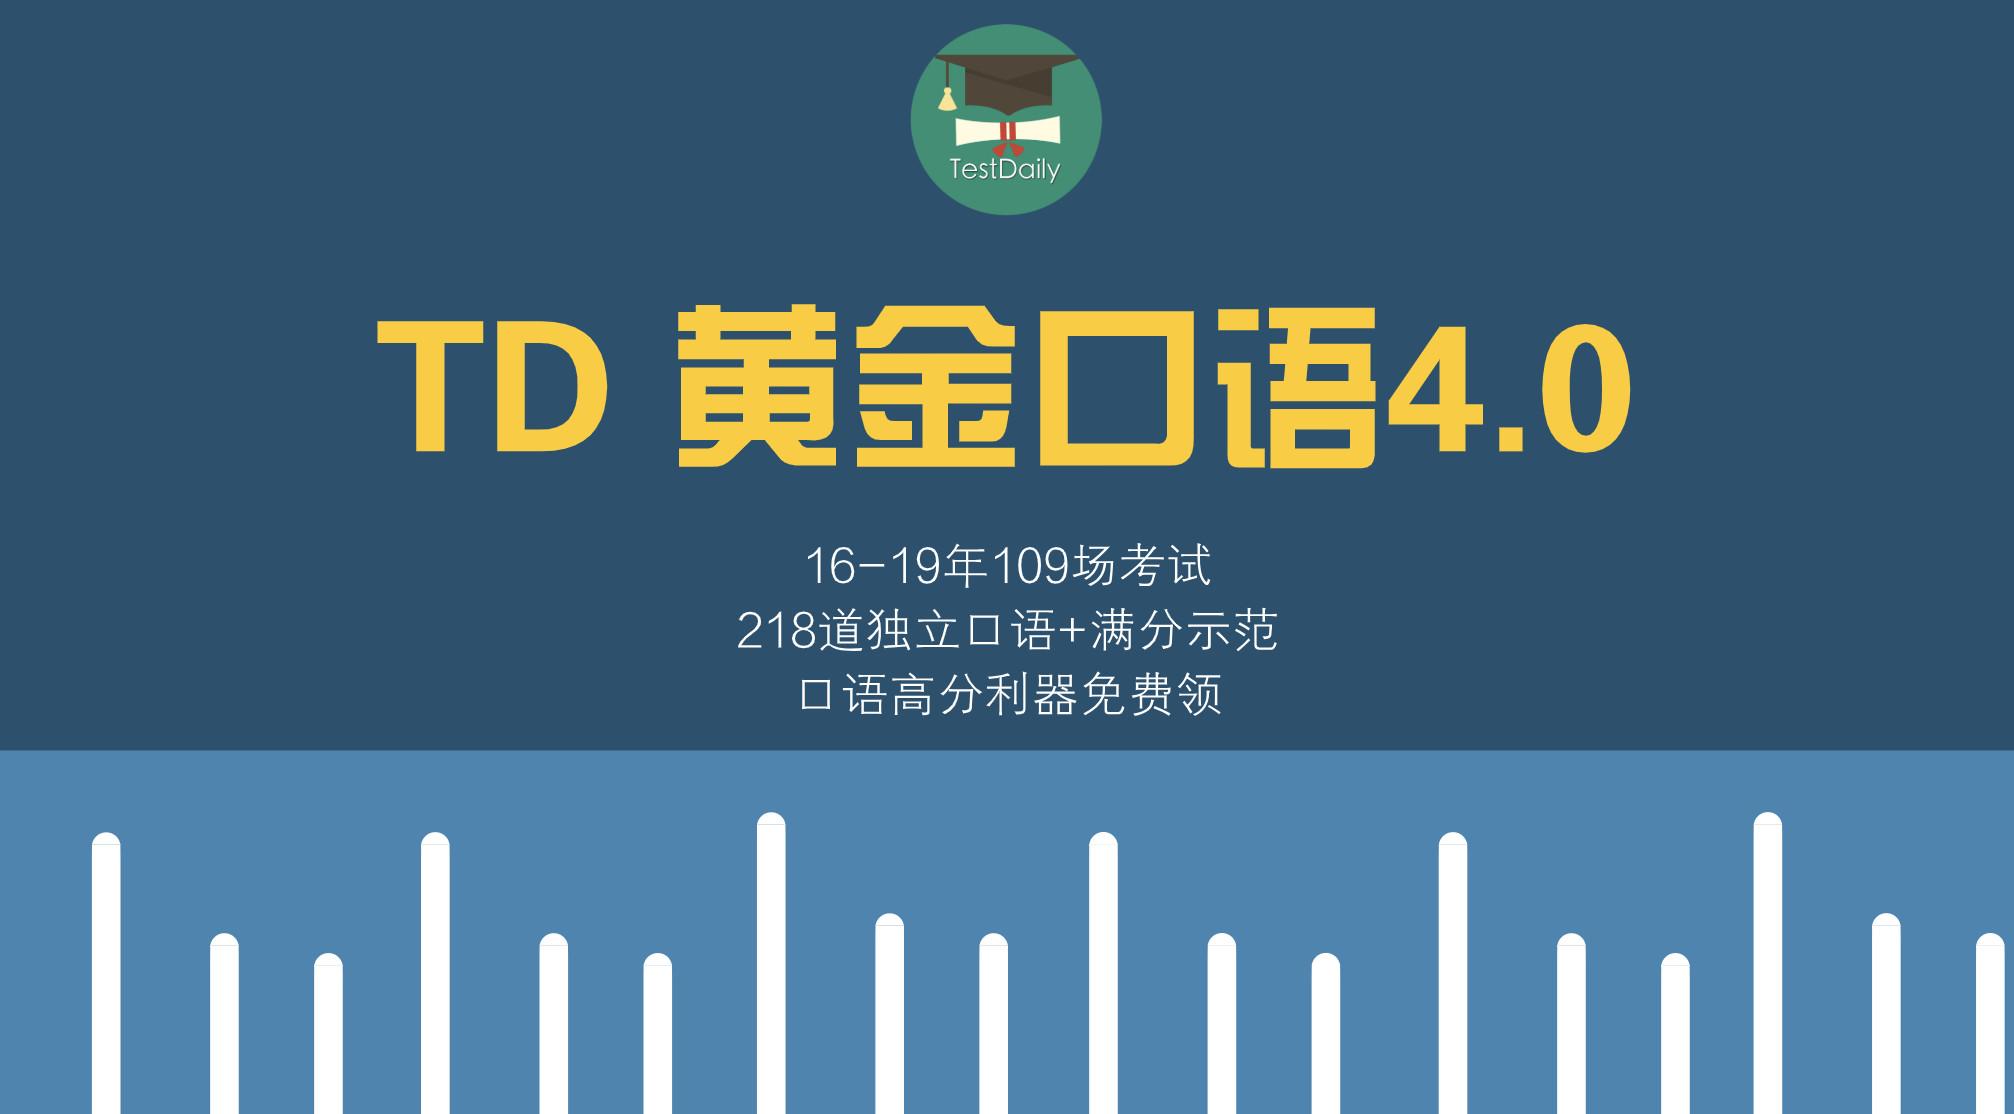 2016年到2019年托福口语示范